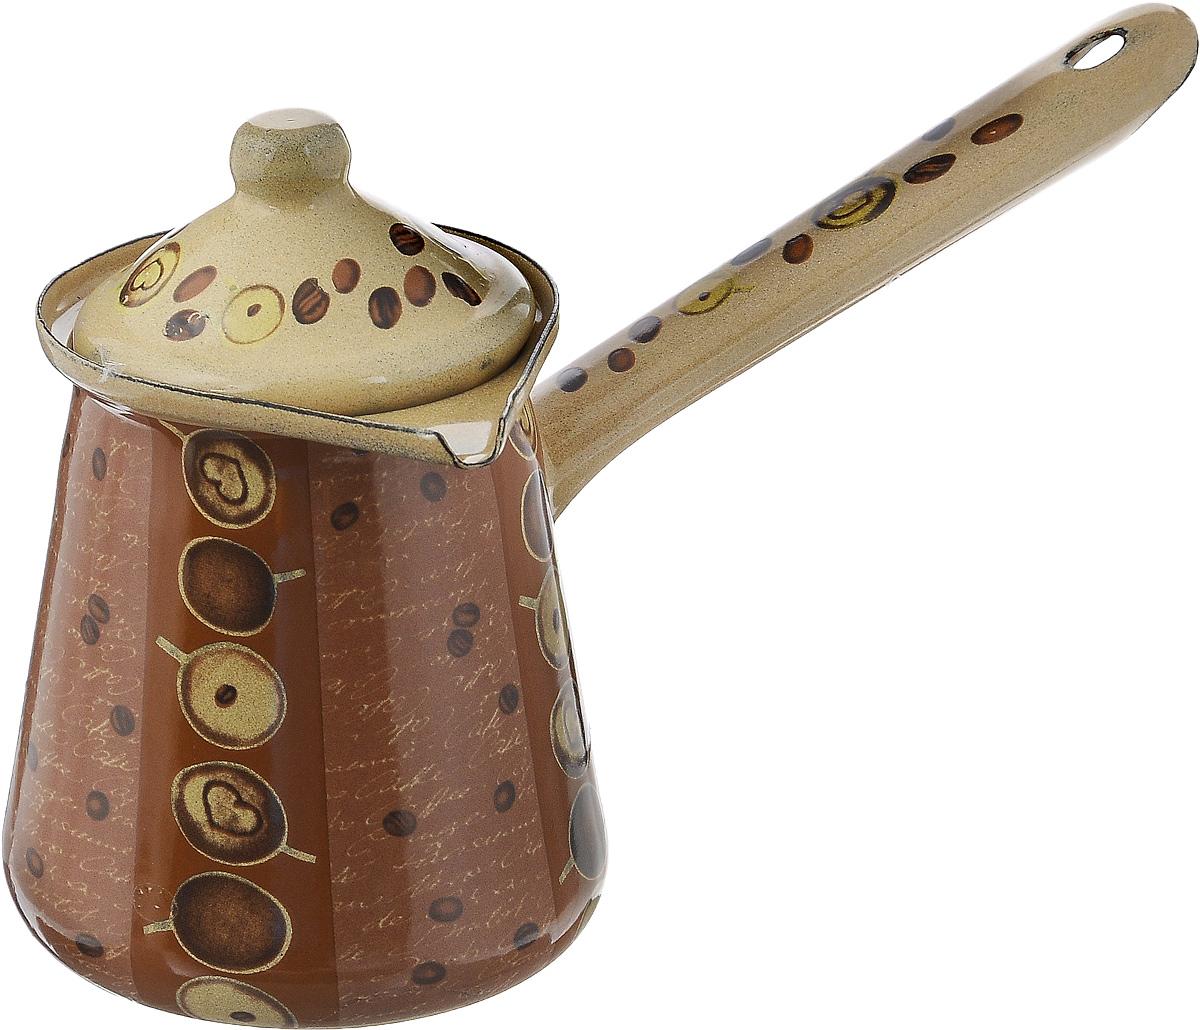 Турка Calve, с крышкой, цвет: бежевый, коричневый, 500 млCL-7000_бежевыйТурка Calve, изготовленная из высококачественной стали, предназначена для приготовления кофе. Внешние стенки турки оформлены изящным рисунком с изображением кофейных зерен. Изделие имеет широкое горлышко, специальный носик и крышку. Рукоятка снабжена специальным отверстием, благодаря которому изделие можно подвесить на крючок. Кофе в турке варится очень просто. Насыпьте молотый кофе, залейте водой и варите на слабом огне, не доводя до кипения. Чем дольше кофе варить, тем крепче он становится. Подходит для всех видов плит, включая индукционные. Диаметр турки (по верхнему краю): 8 см. Длина ручки: 13 см. Высота стенки: 10 см.